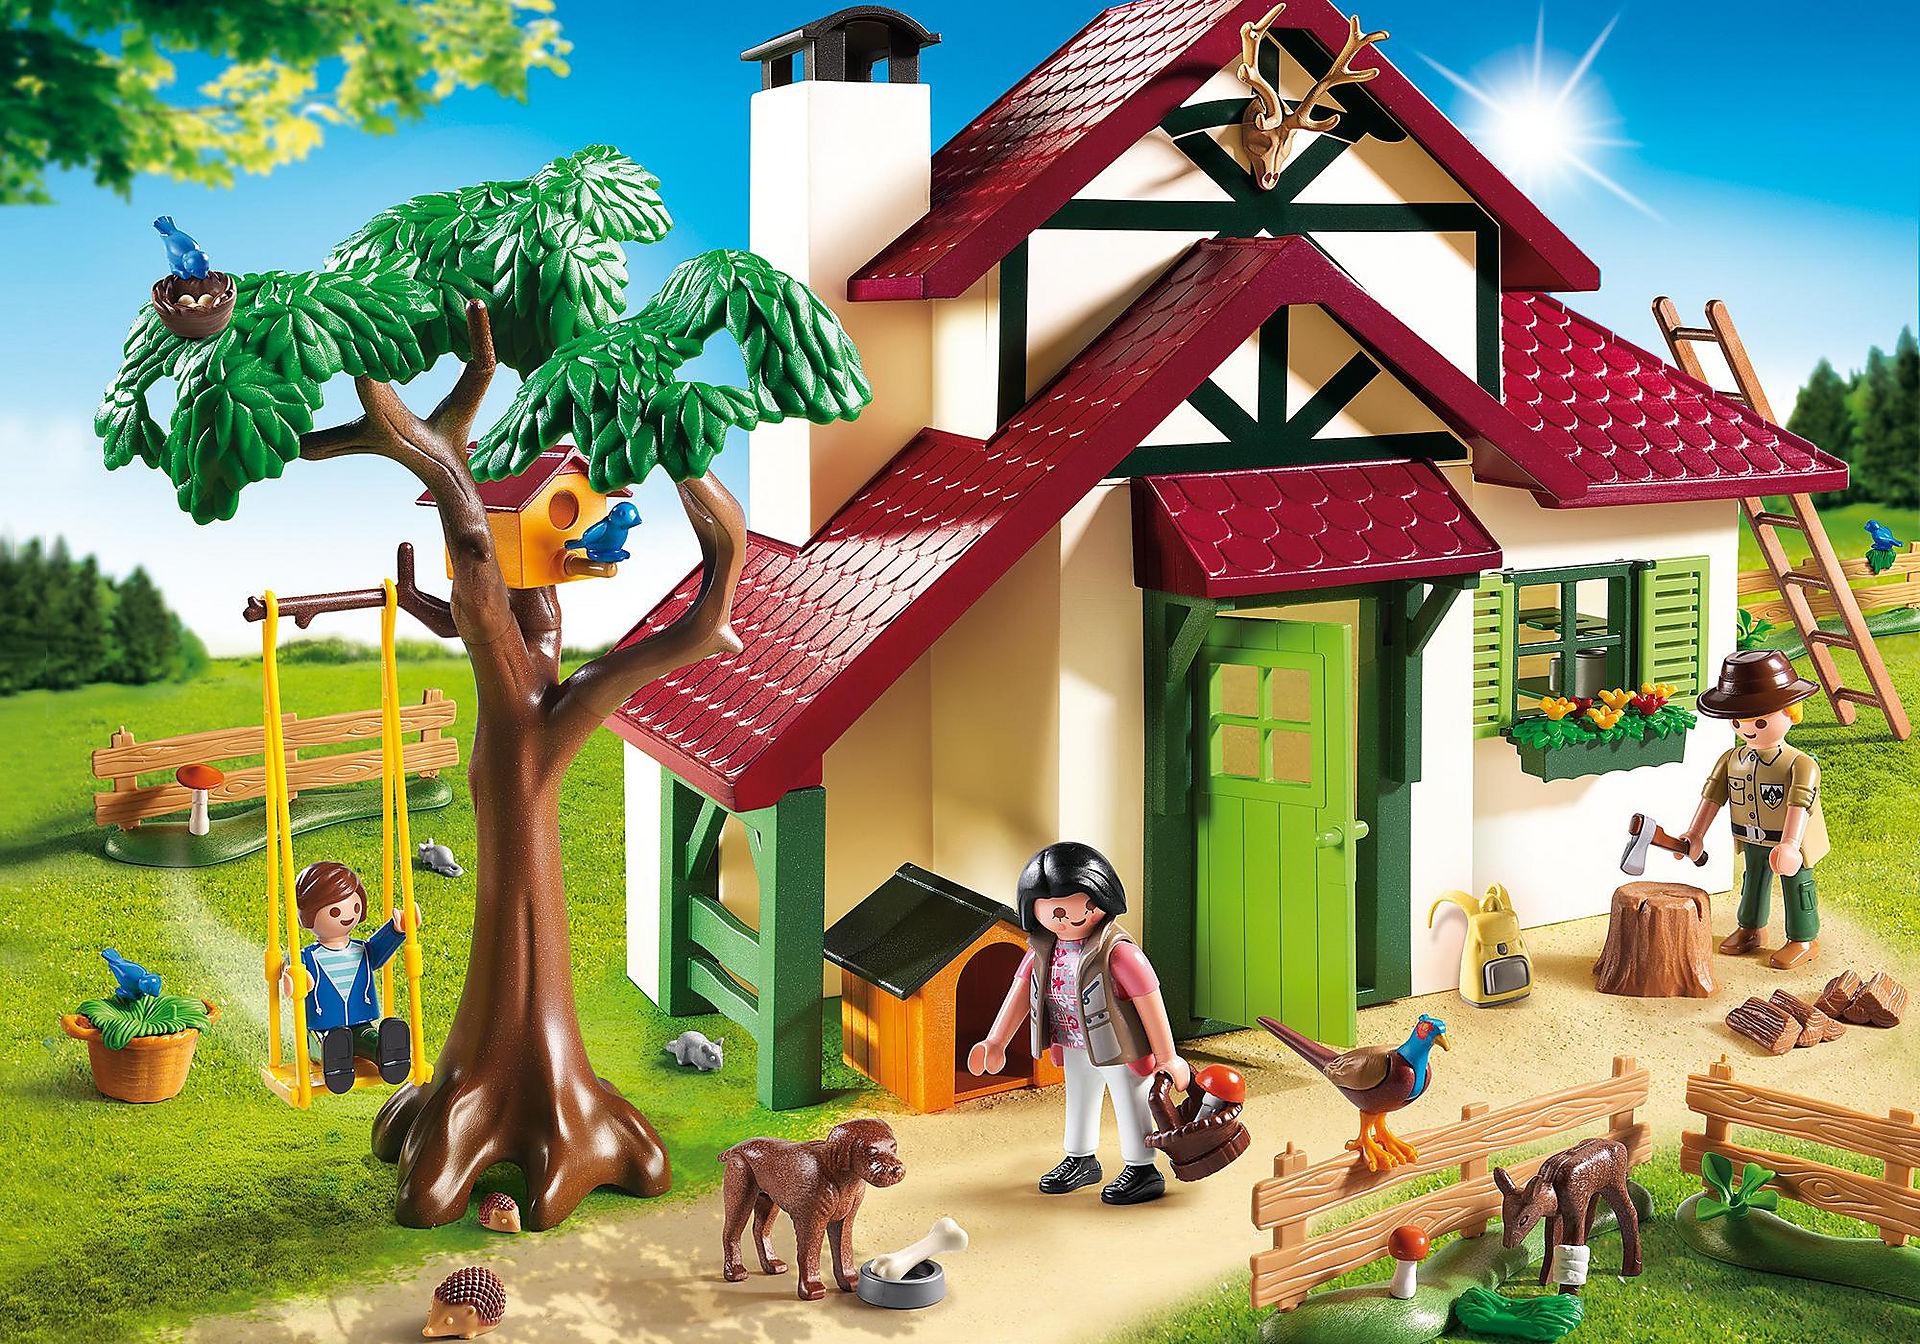 6811 Maison forestière zoom image1